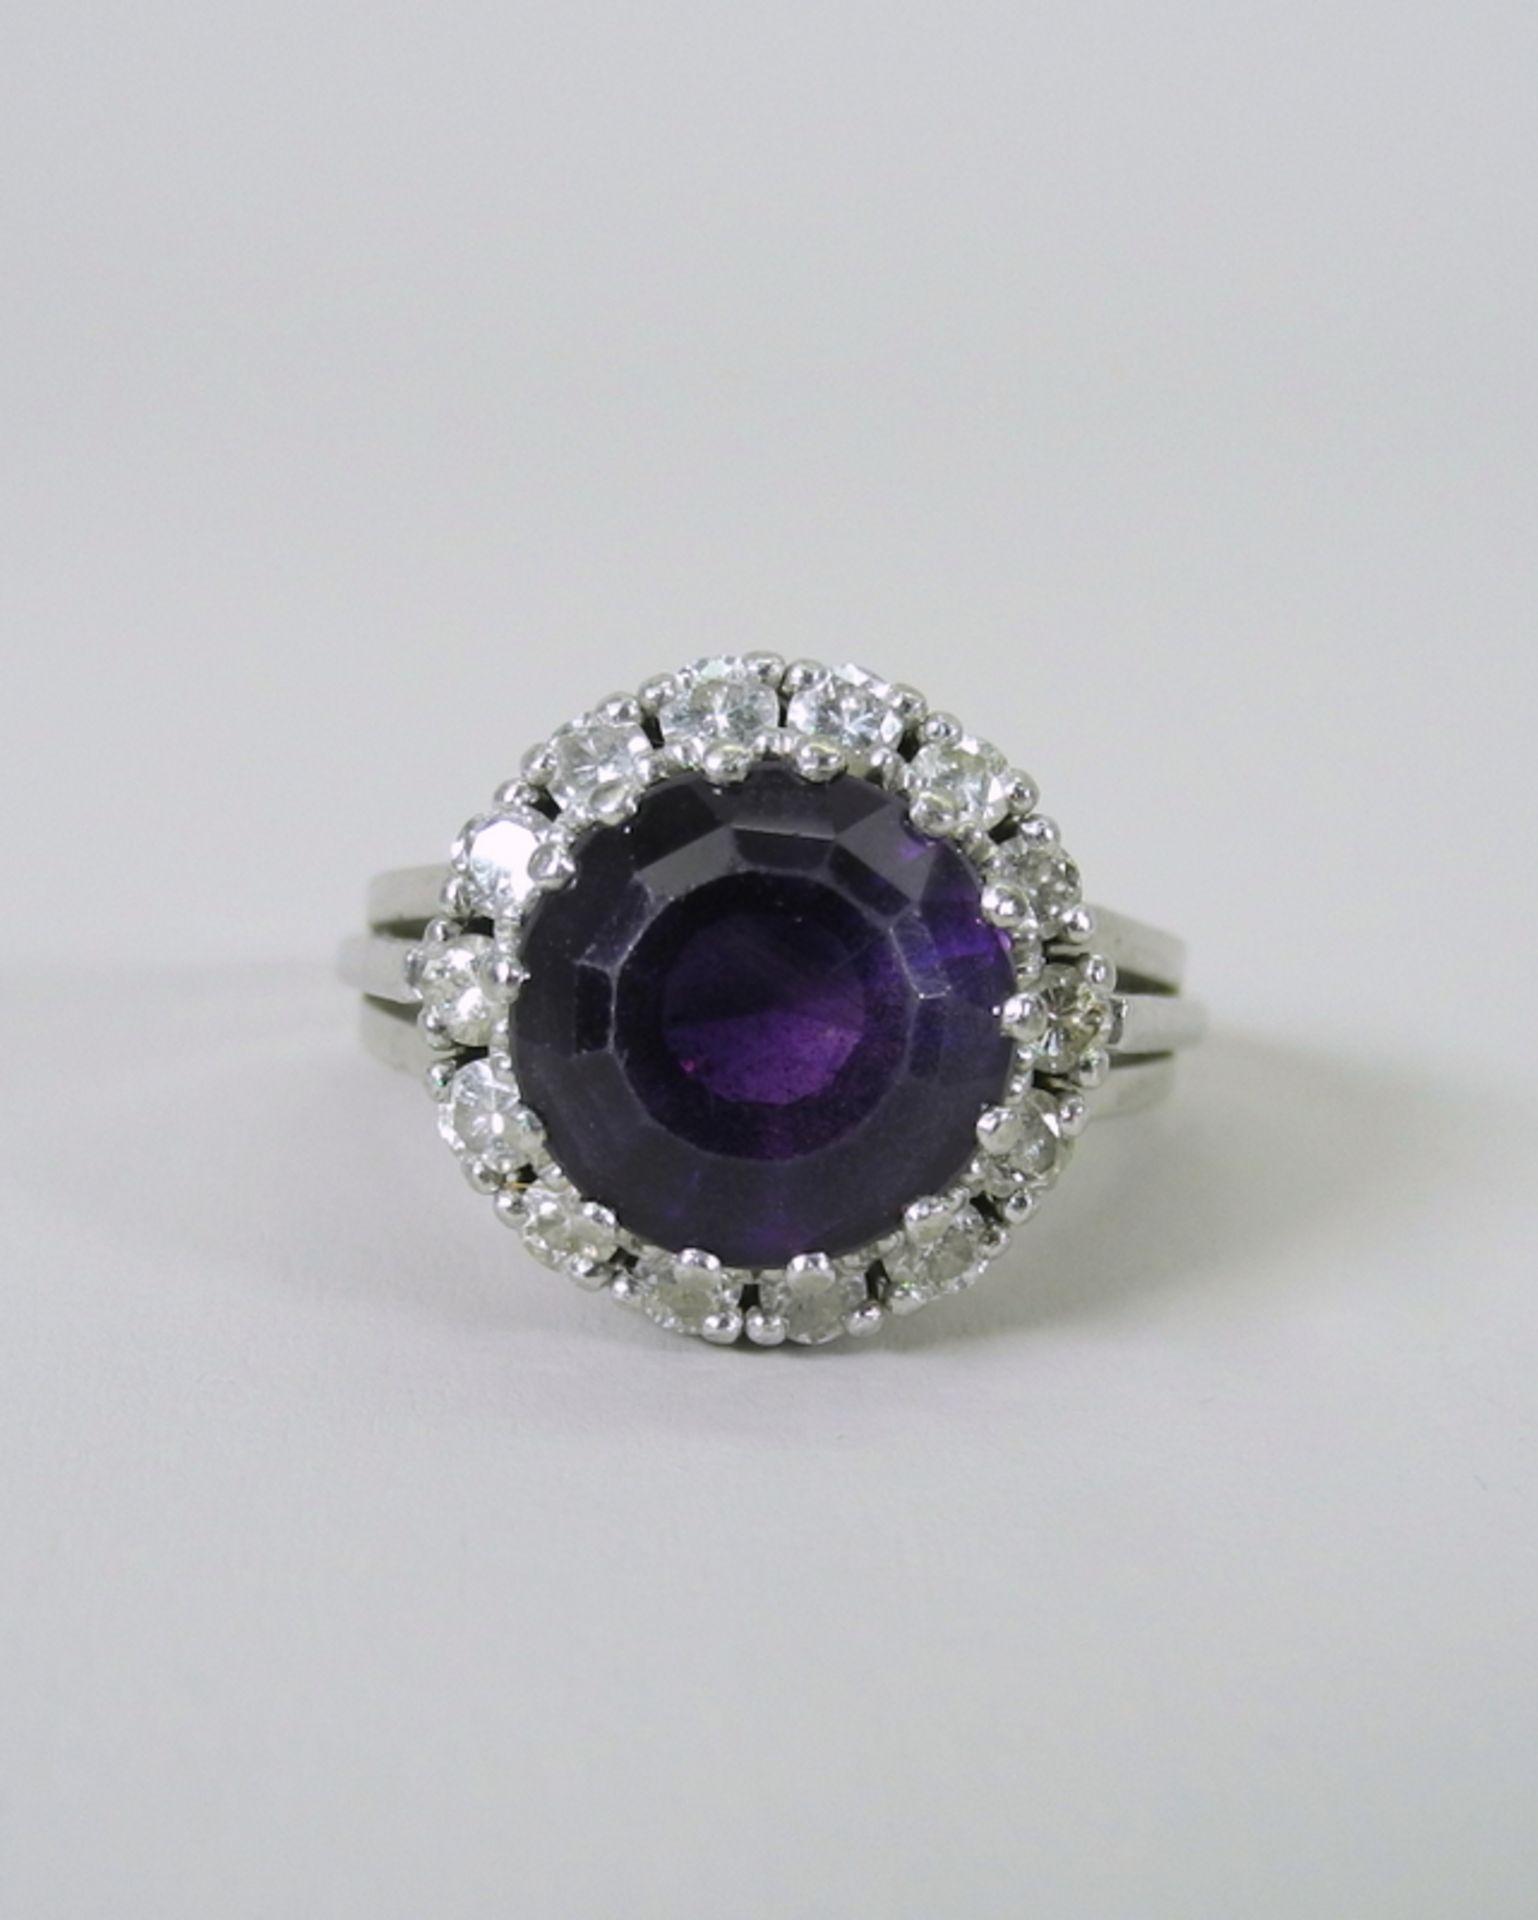 Großer Amethyst-Diamant-Ring14 K. weißgoldener Diamant-Ring mit einem Zentralstein A - Image 3 of 5